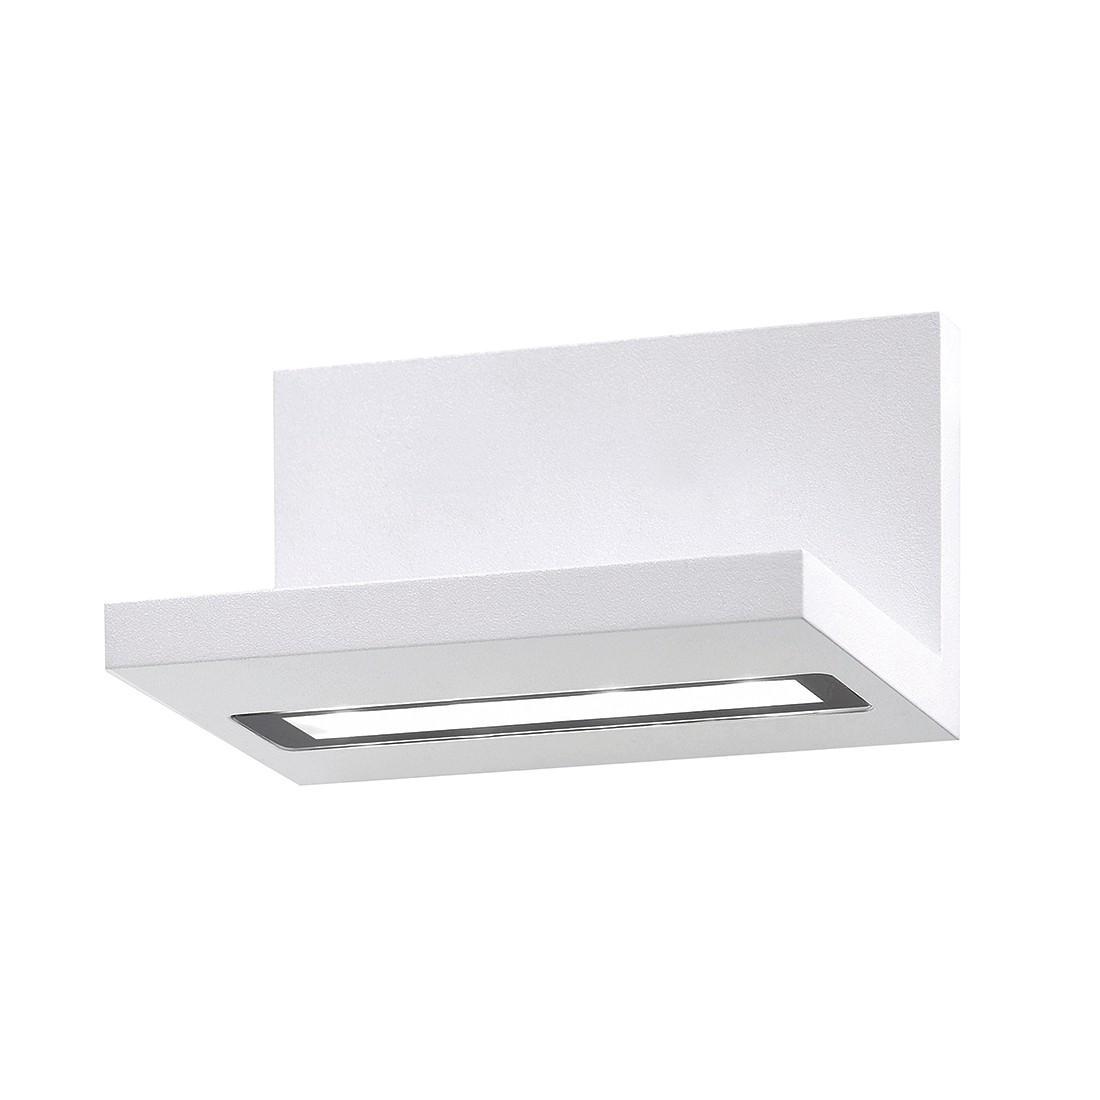 LED-Wandleuchte Lindow ● Aluminium ● Weiß- FLI Leuchten A+